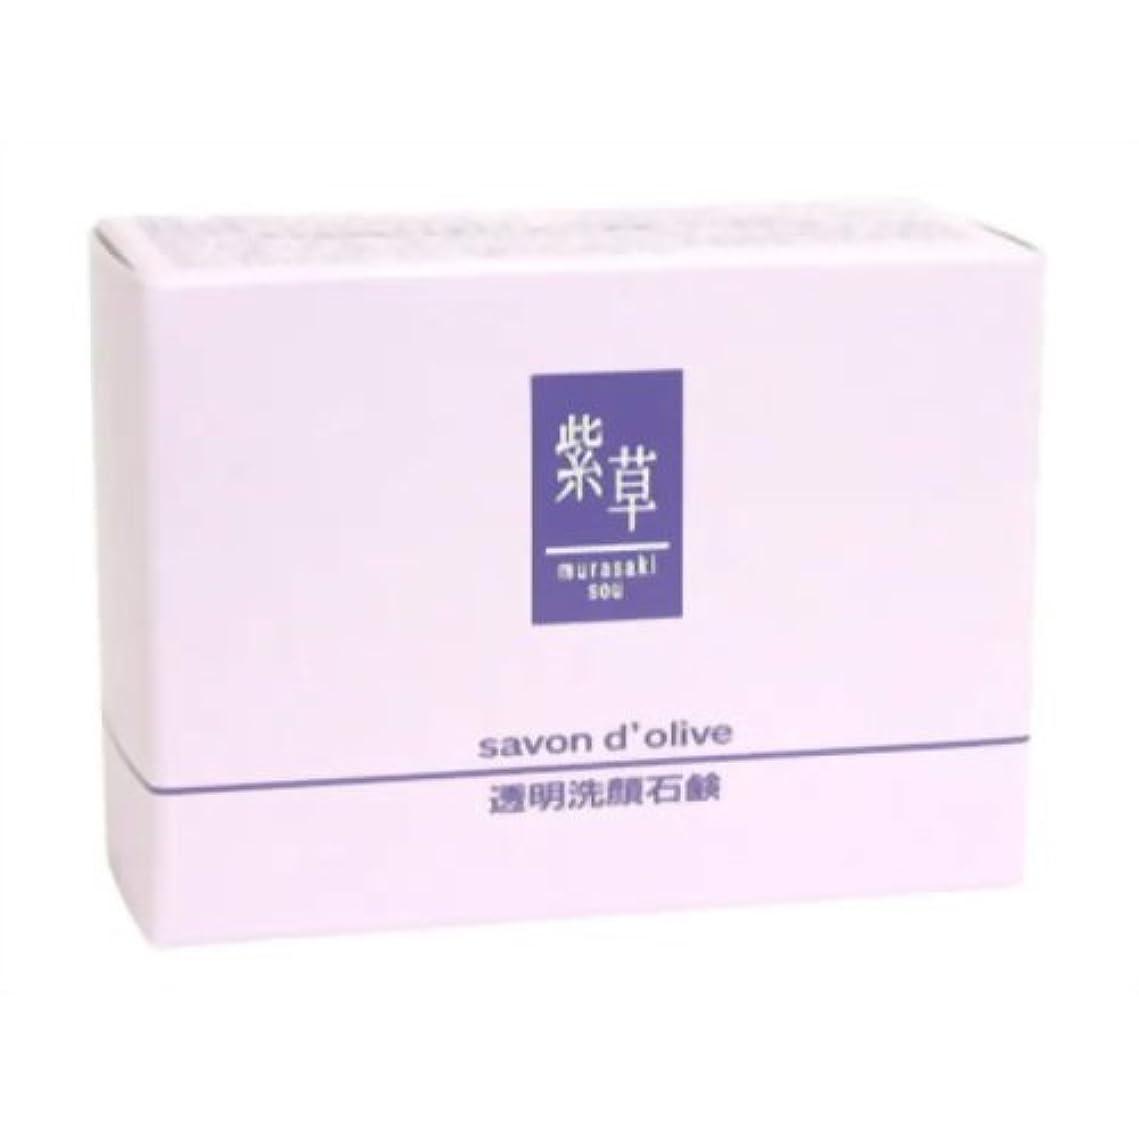 ロマンスウルル率直な紫草 サボンドリーブ(洗顔)